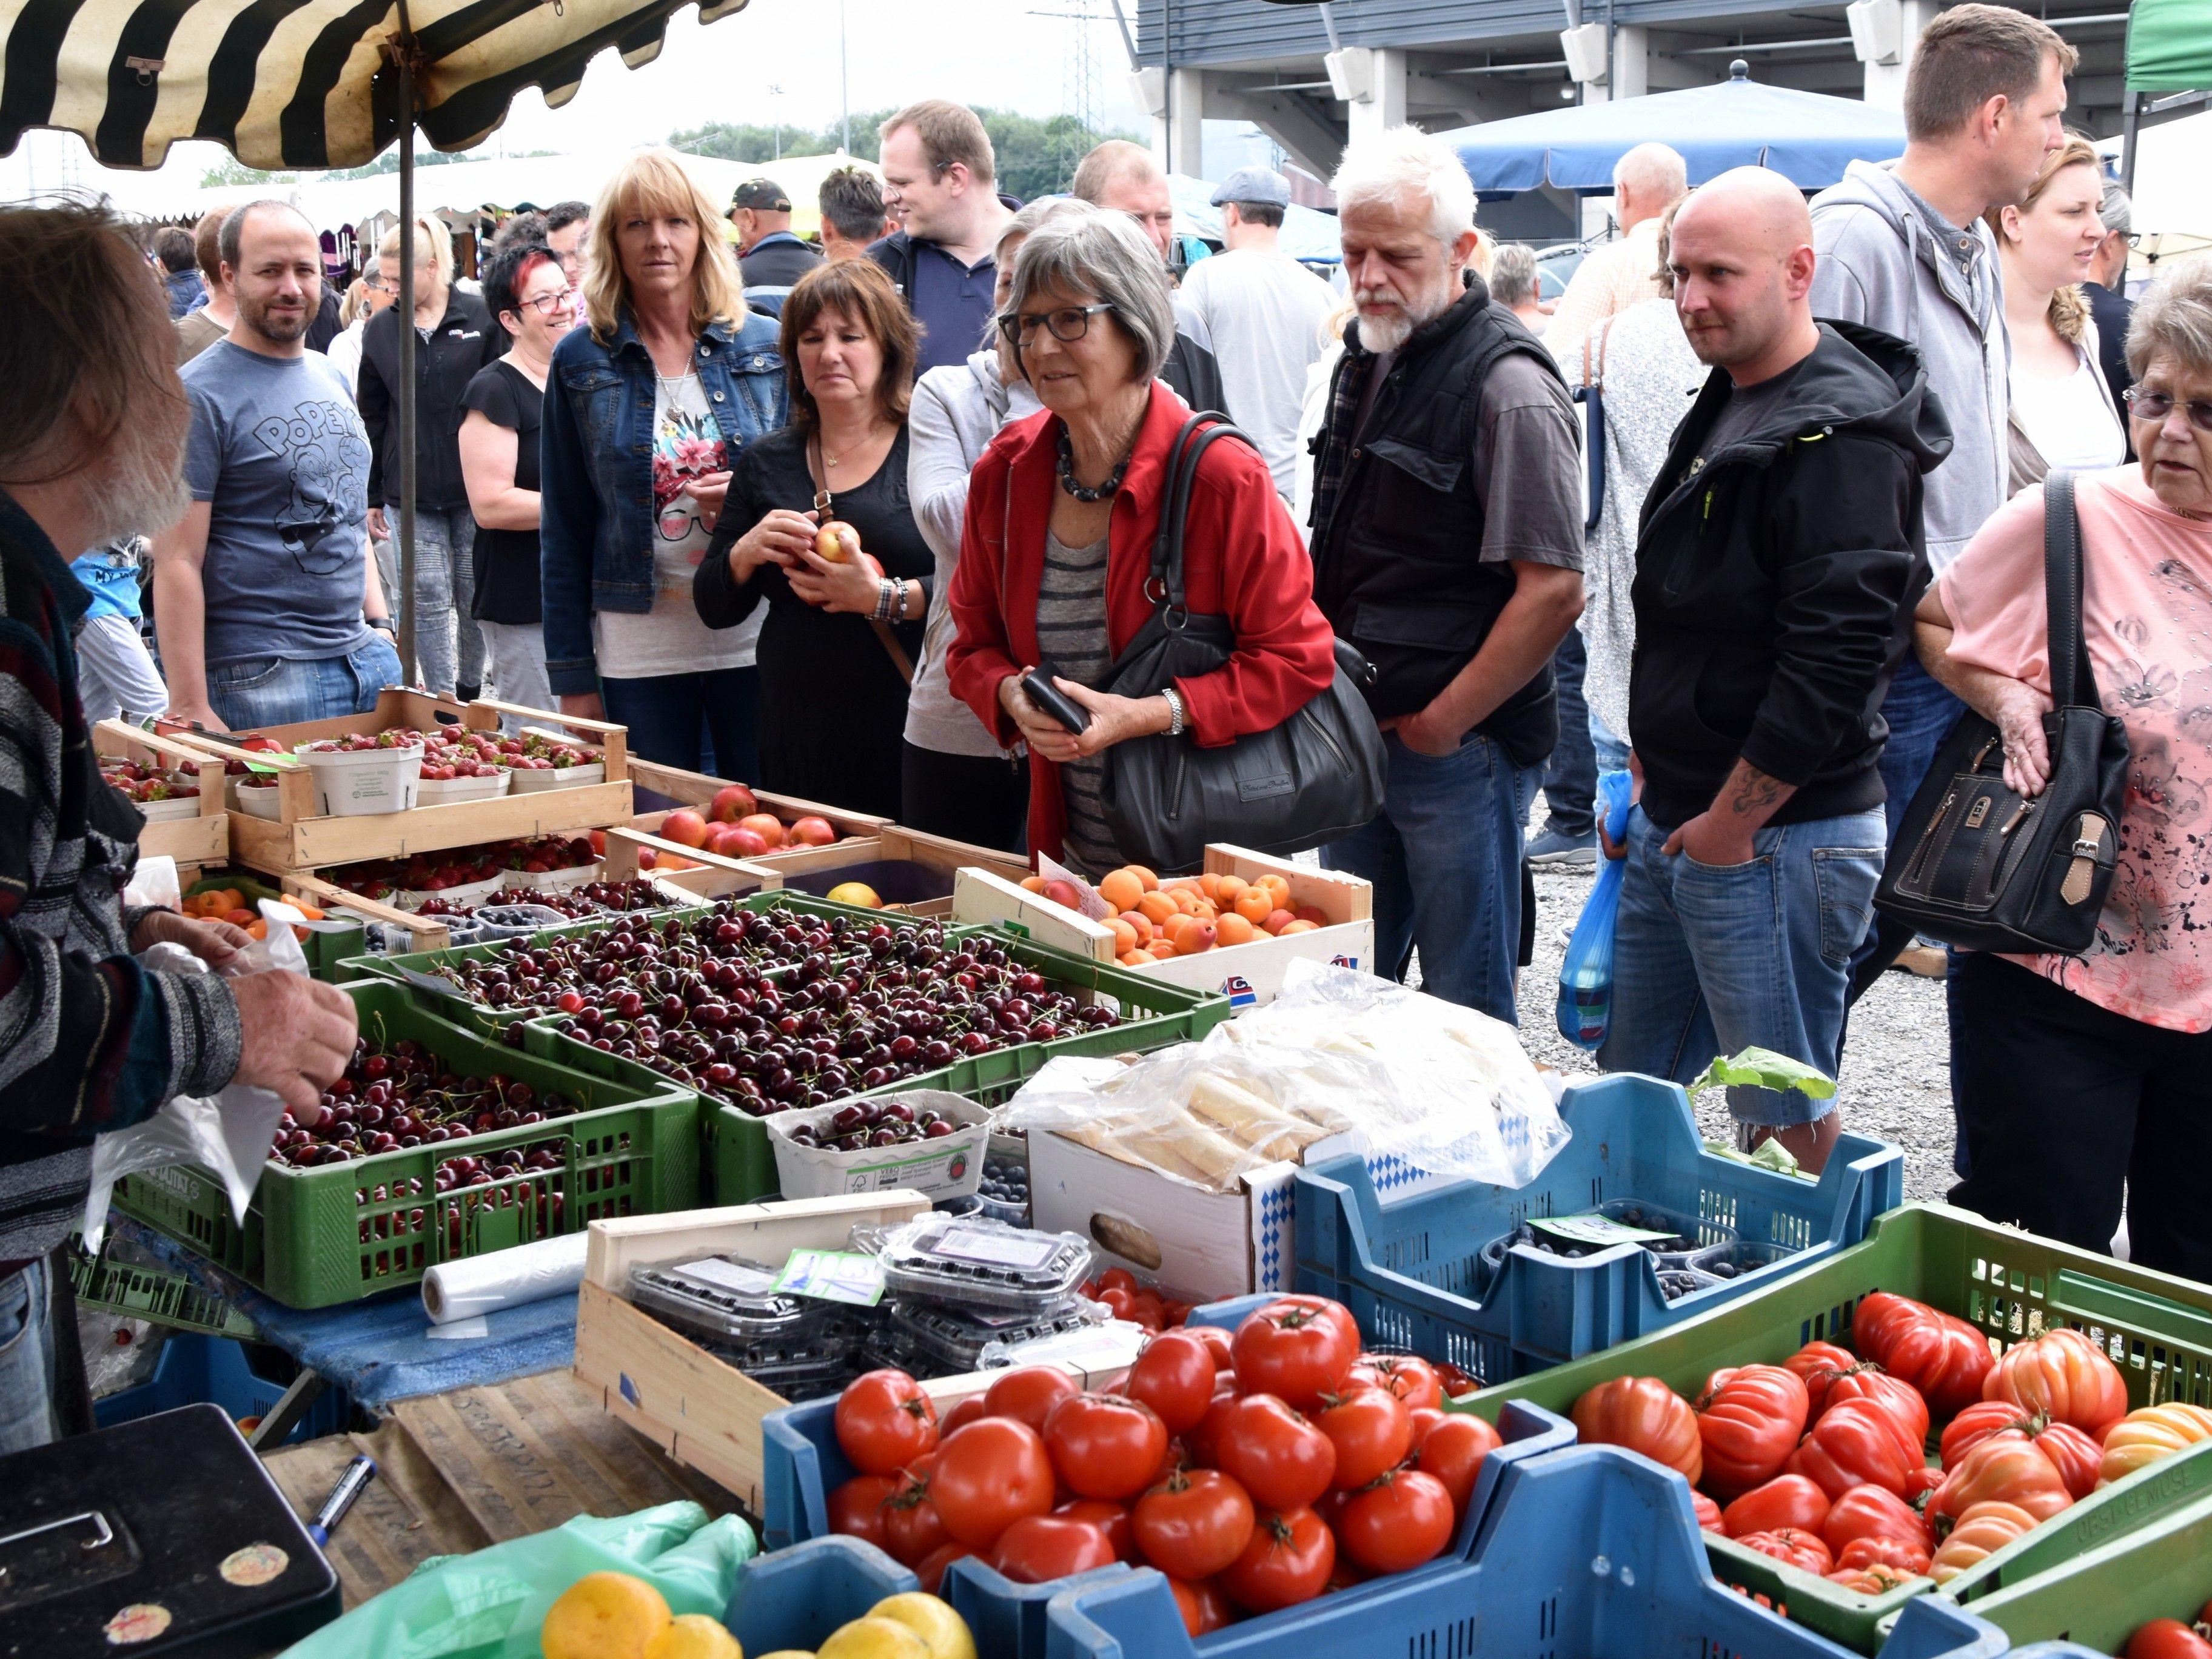 Auch frisches Obst und Gemüse fand viele Abnehmer